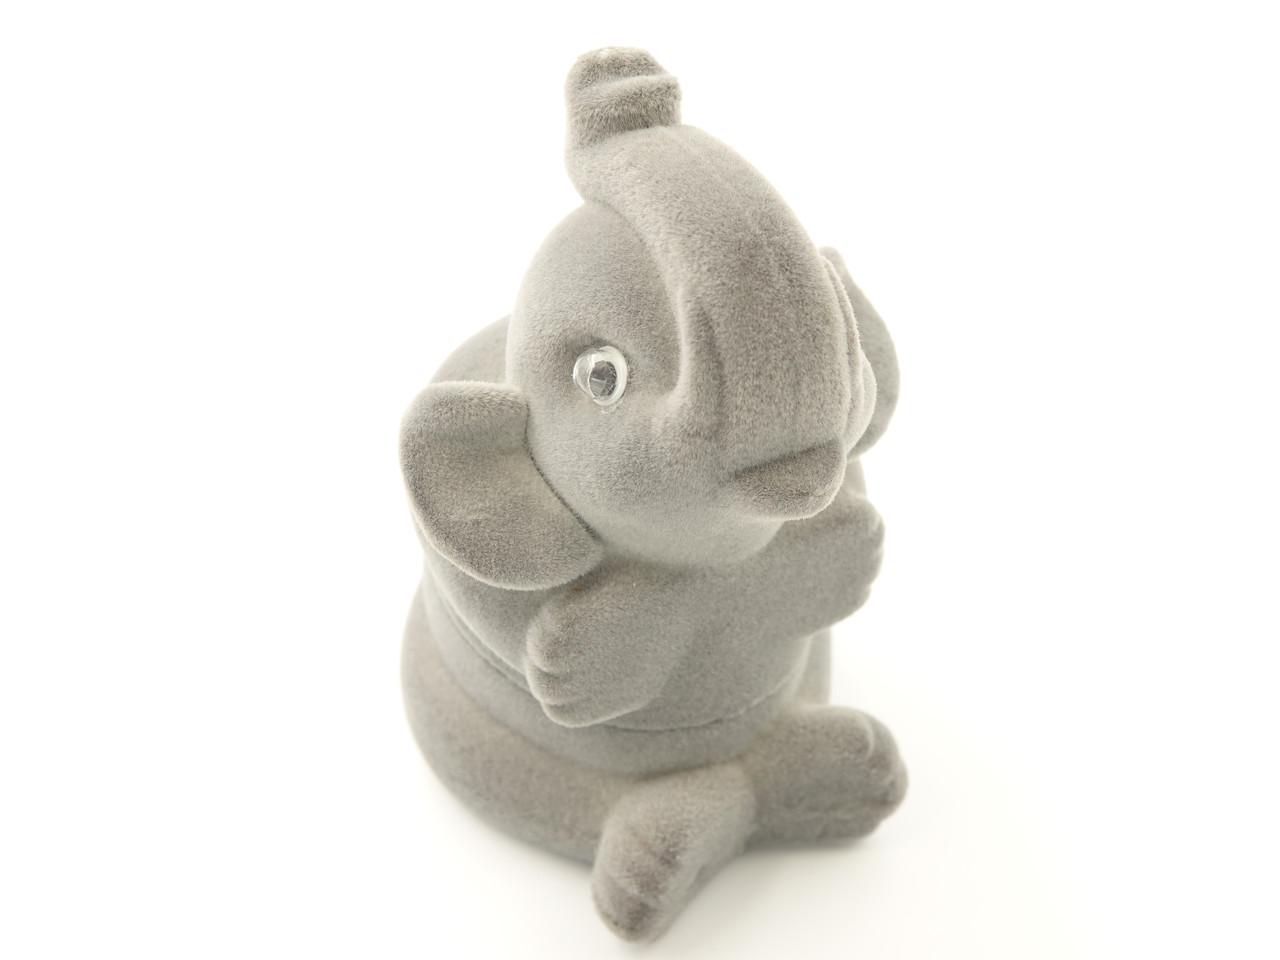 Футляр для кольца Слон серый